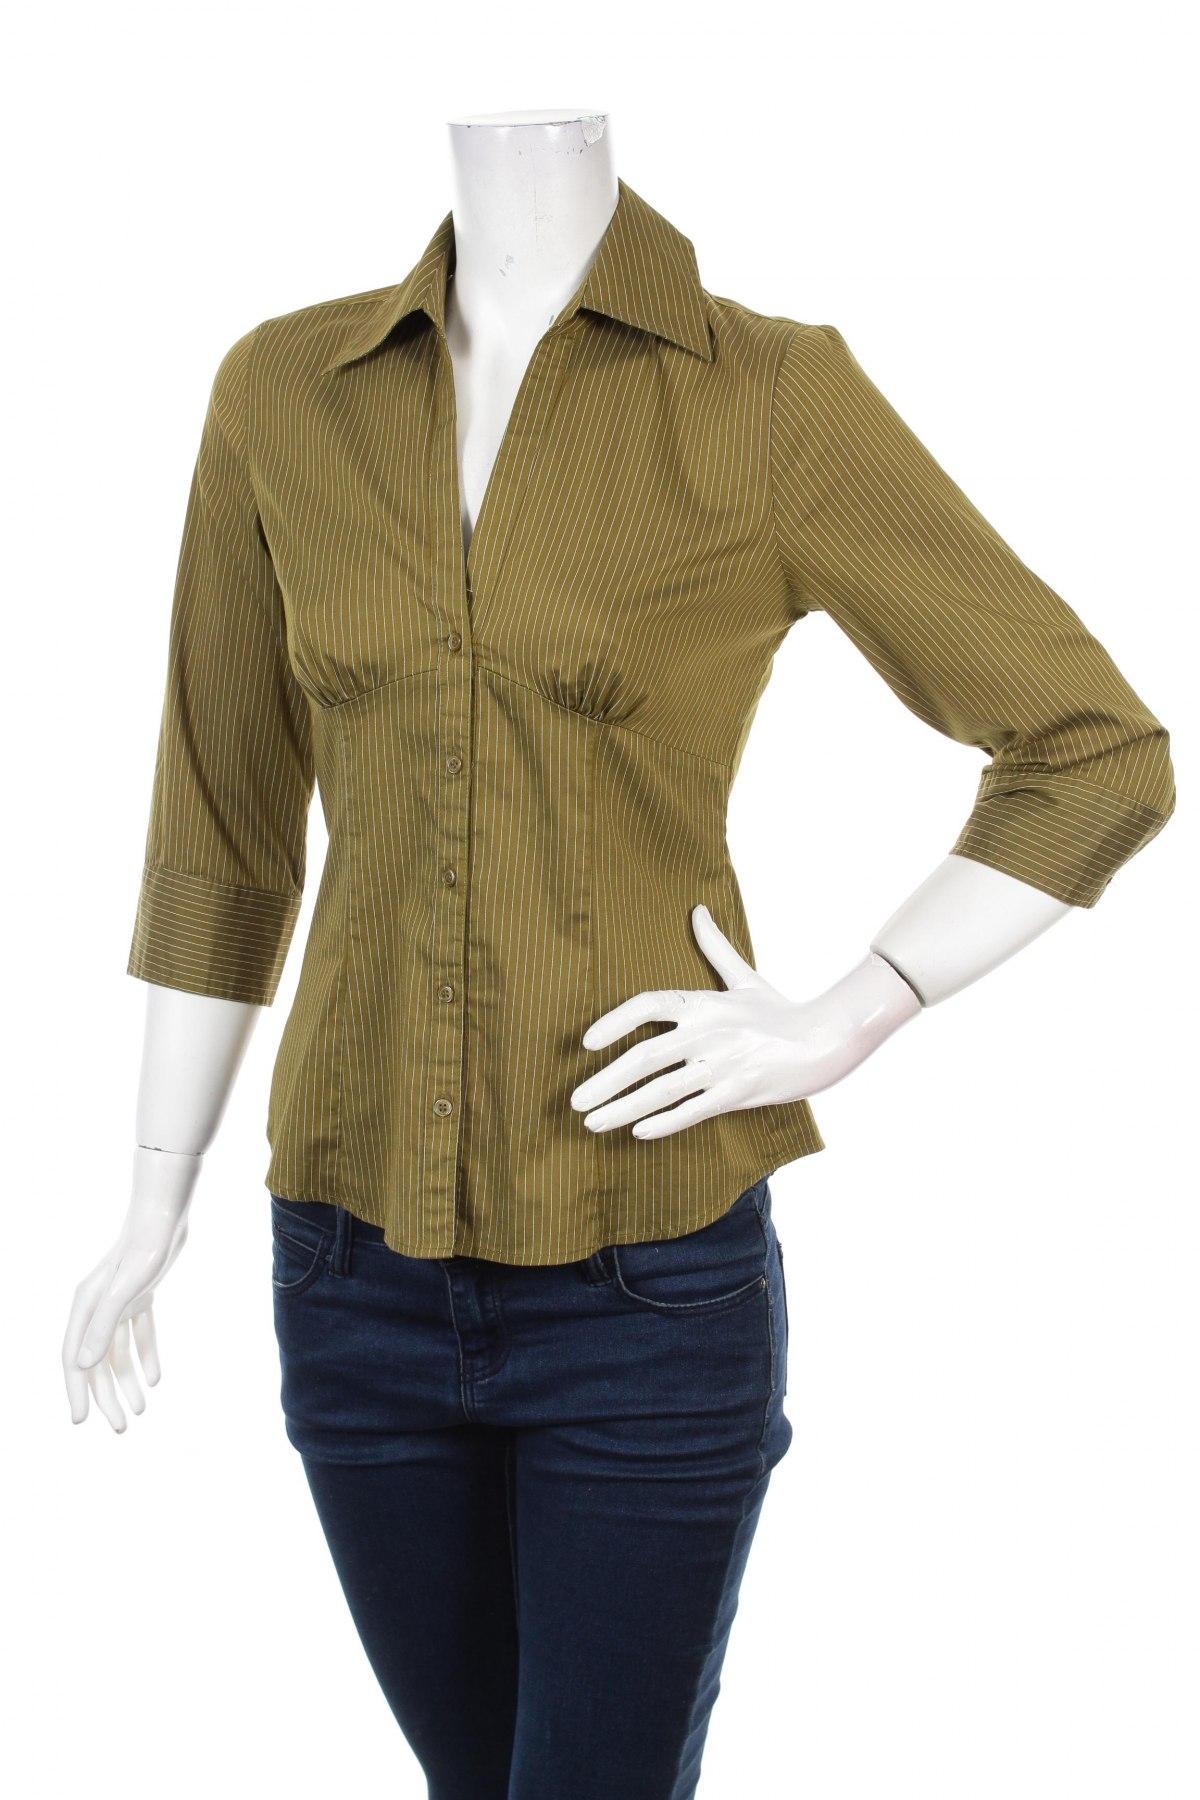 Γυναικείο πουκάμισο H&M, Μέγεθος M, Χρώμα Πράσινο, 66% βαμβάκι, 25% πολυαμίδη, 5% πολυεστέρας, 4% ελαστάνη, Τιμή 15,98€